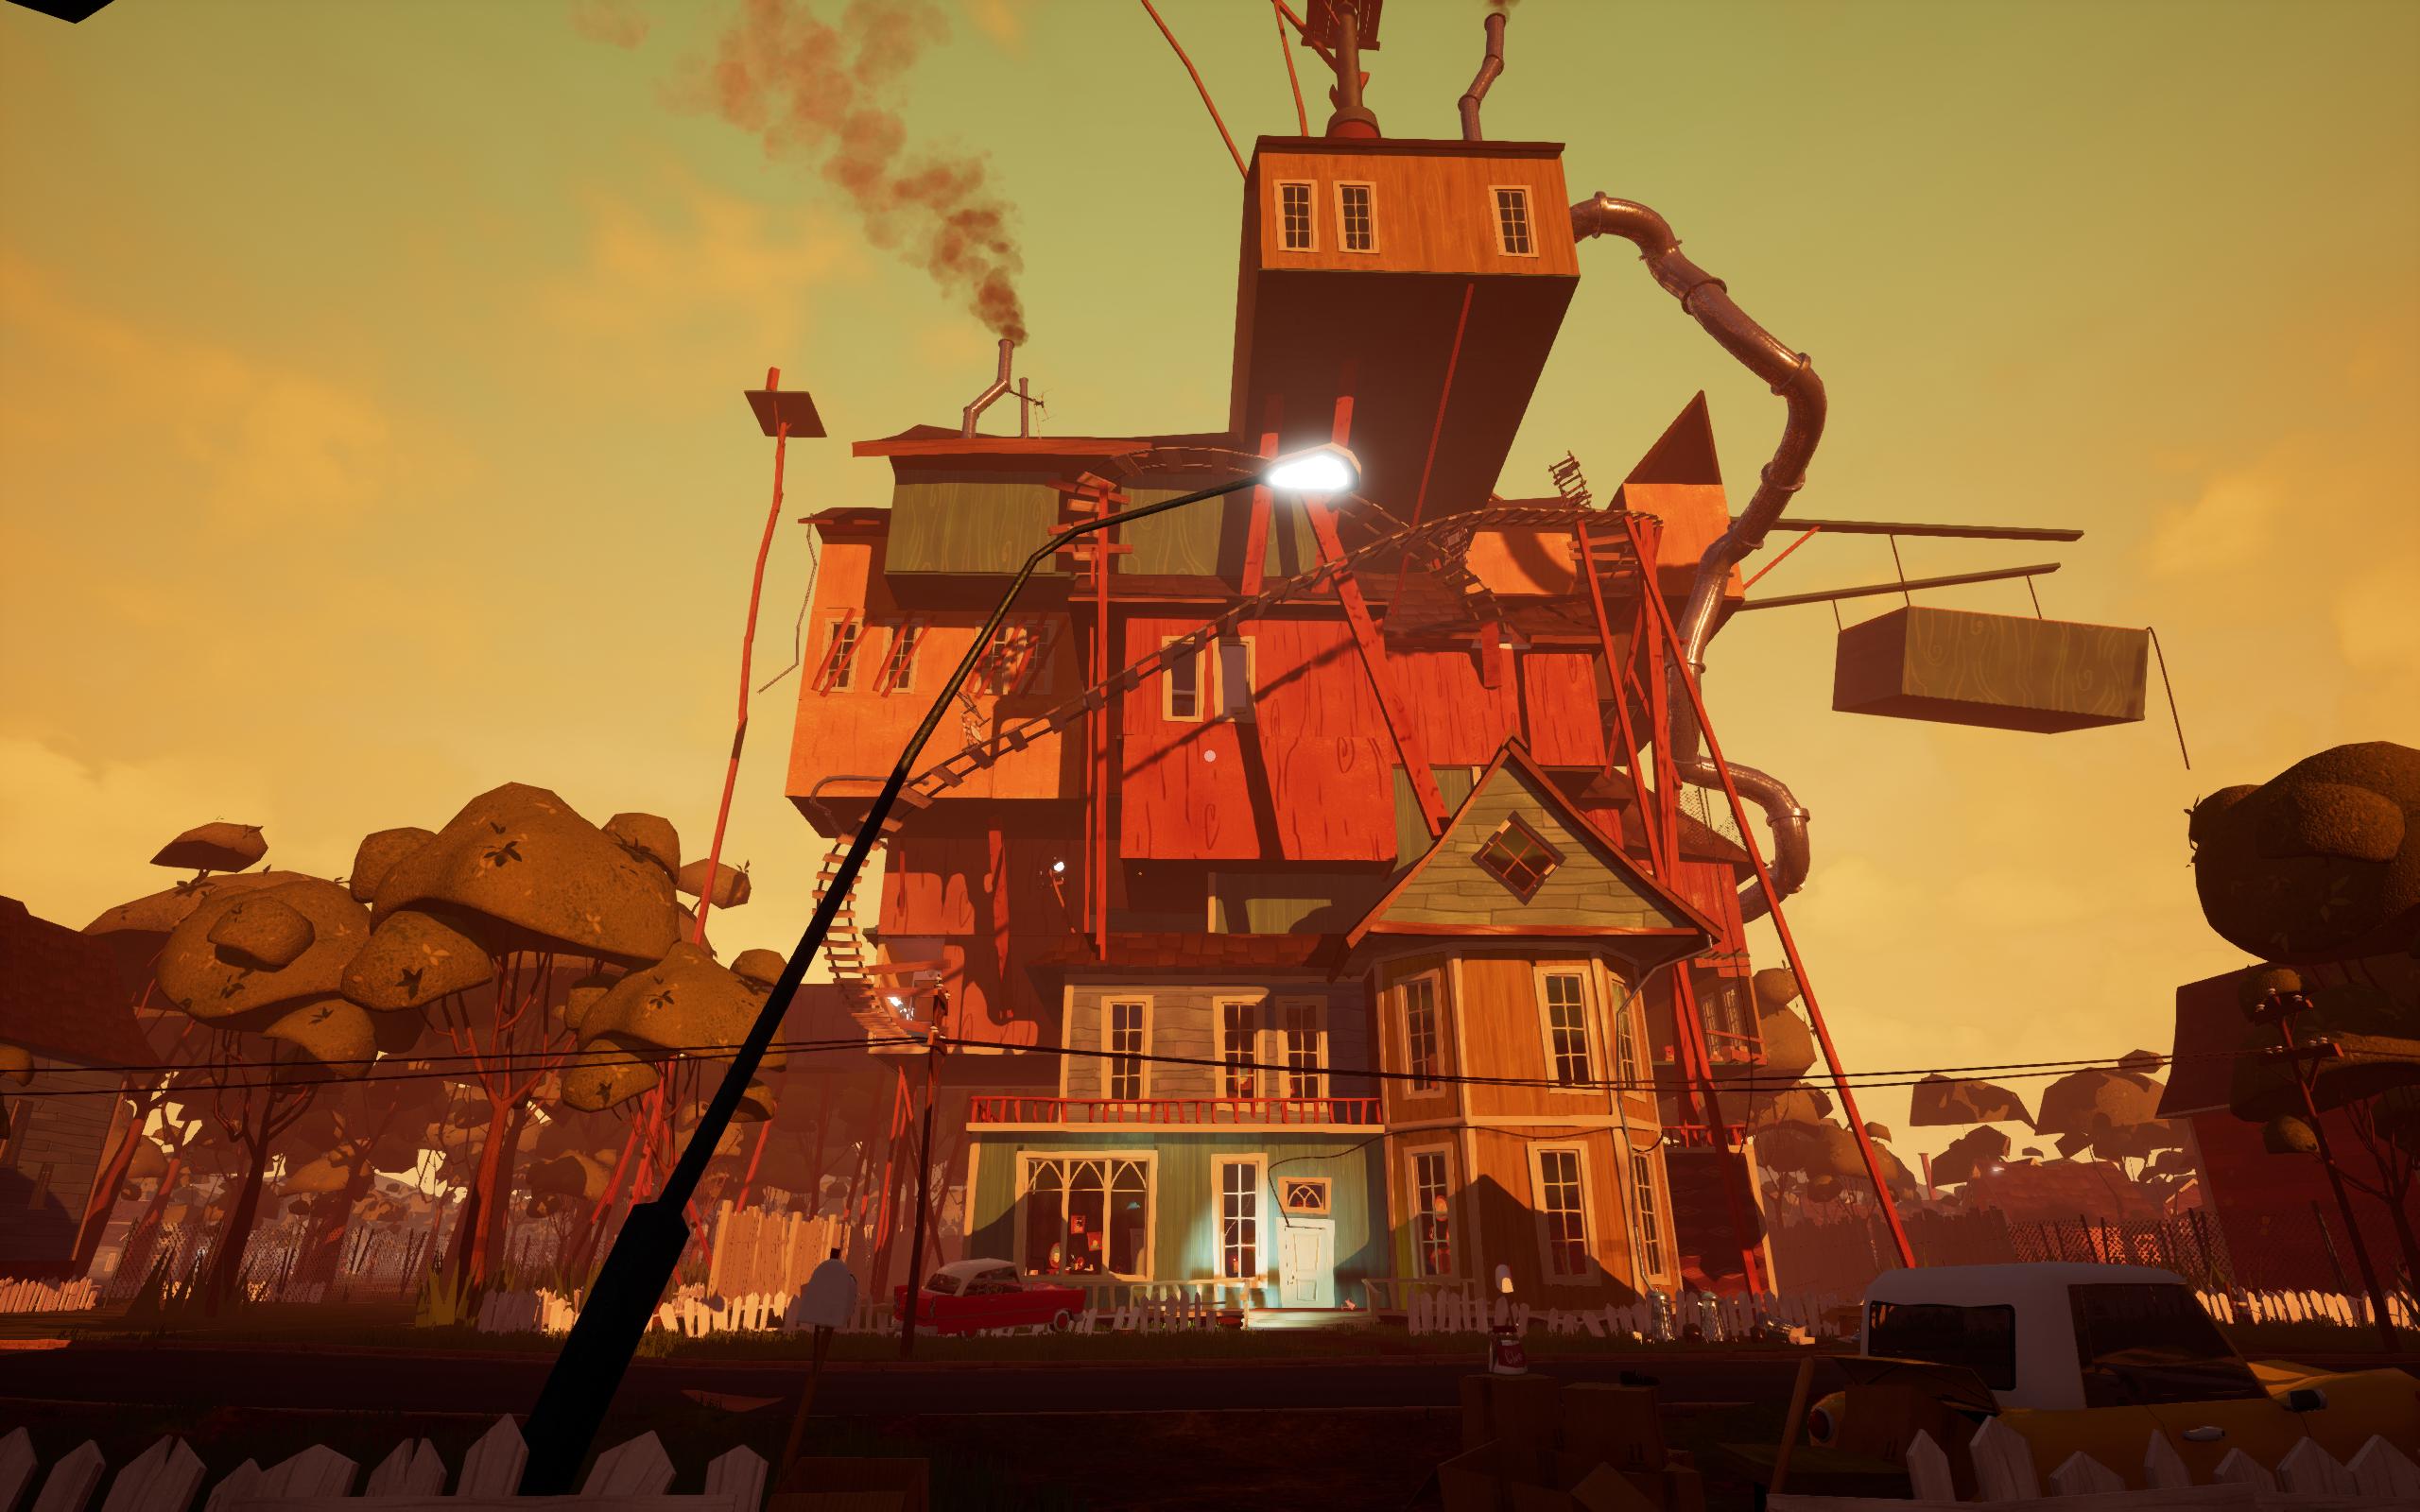 Imagem do jogo de stealth, comédia e horror Hello Neighbor, desenvolvido pela Dynamic Pixels. A imagem mostra uma casa imensa, com muitos puxadinhos.